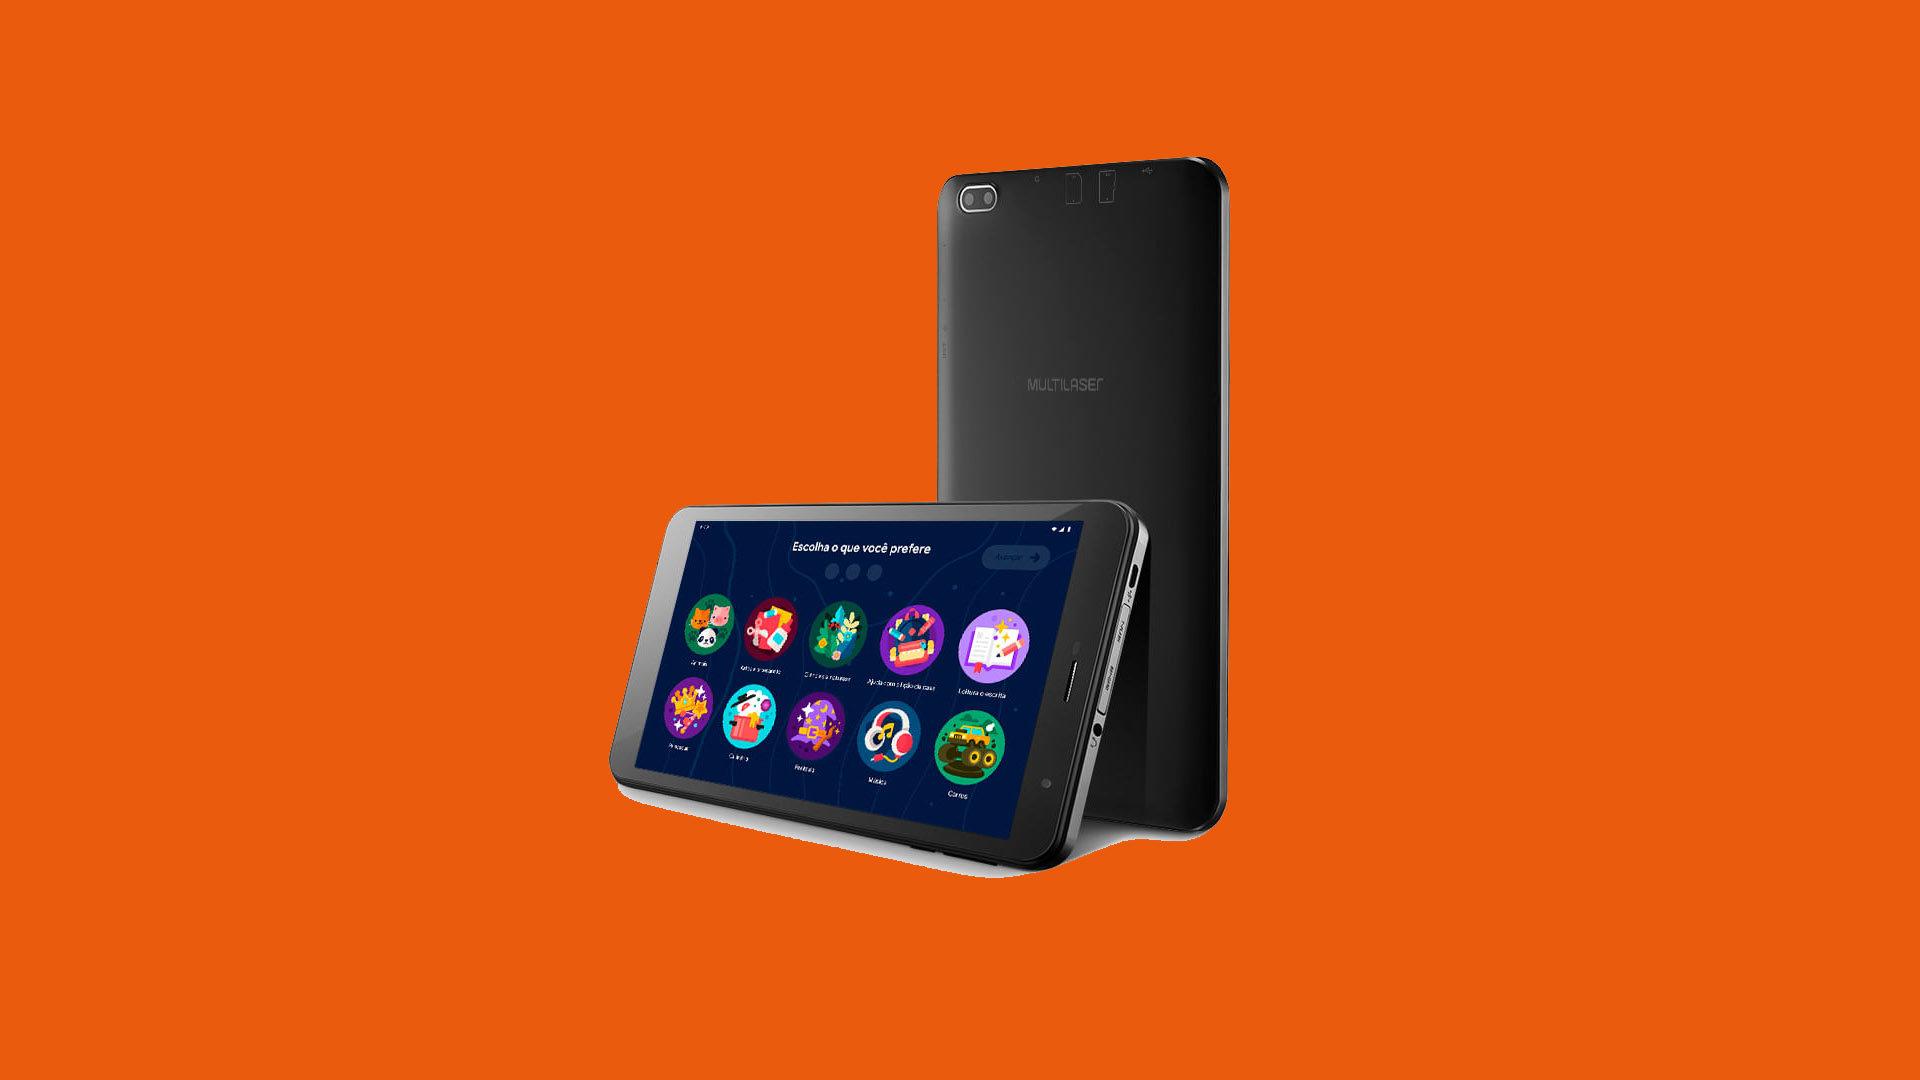 Review: multilaser m8 4g, um bom tablet para crianças. O tablet multilaser m8 4g traz o kids space, ideal para entreter e ensinar crianças, além de ser um bom aparelho para o uso diário.